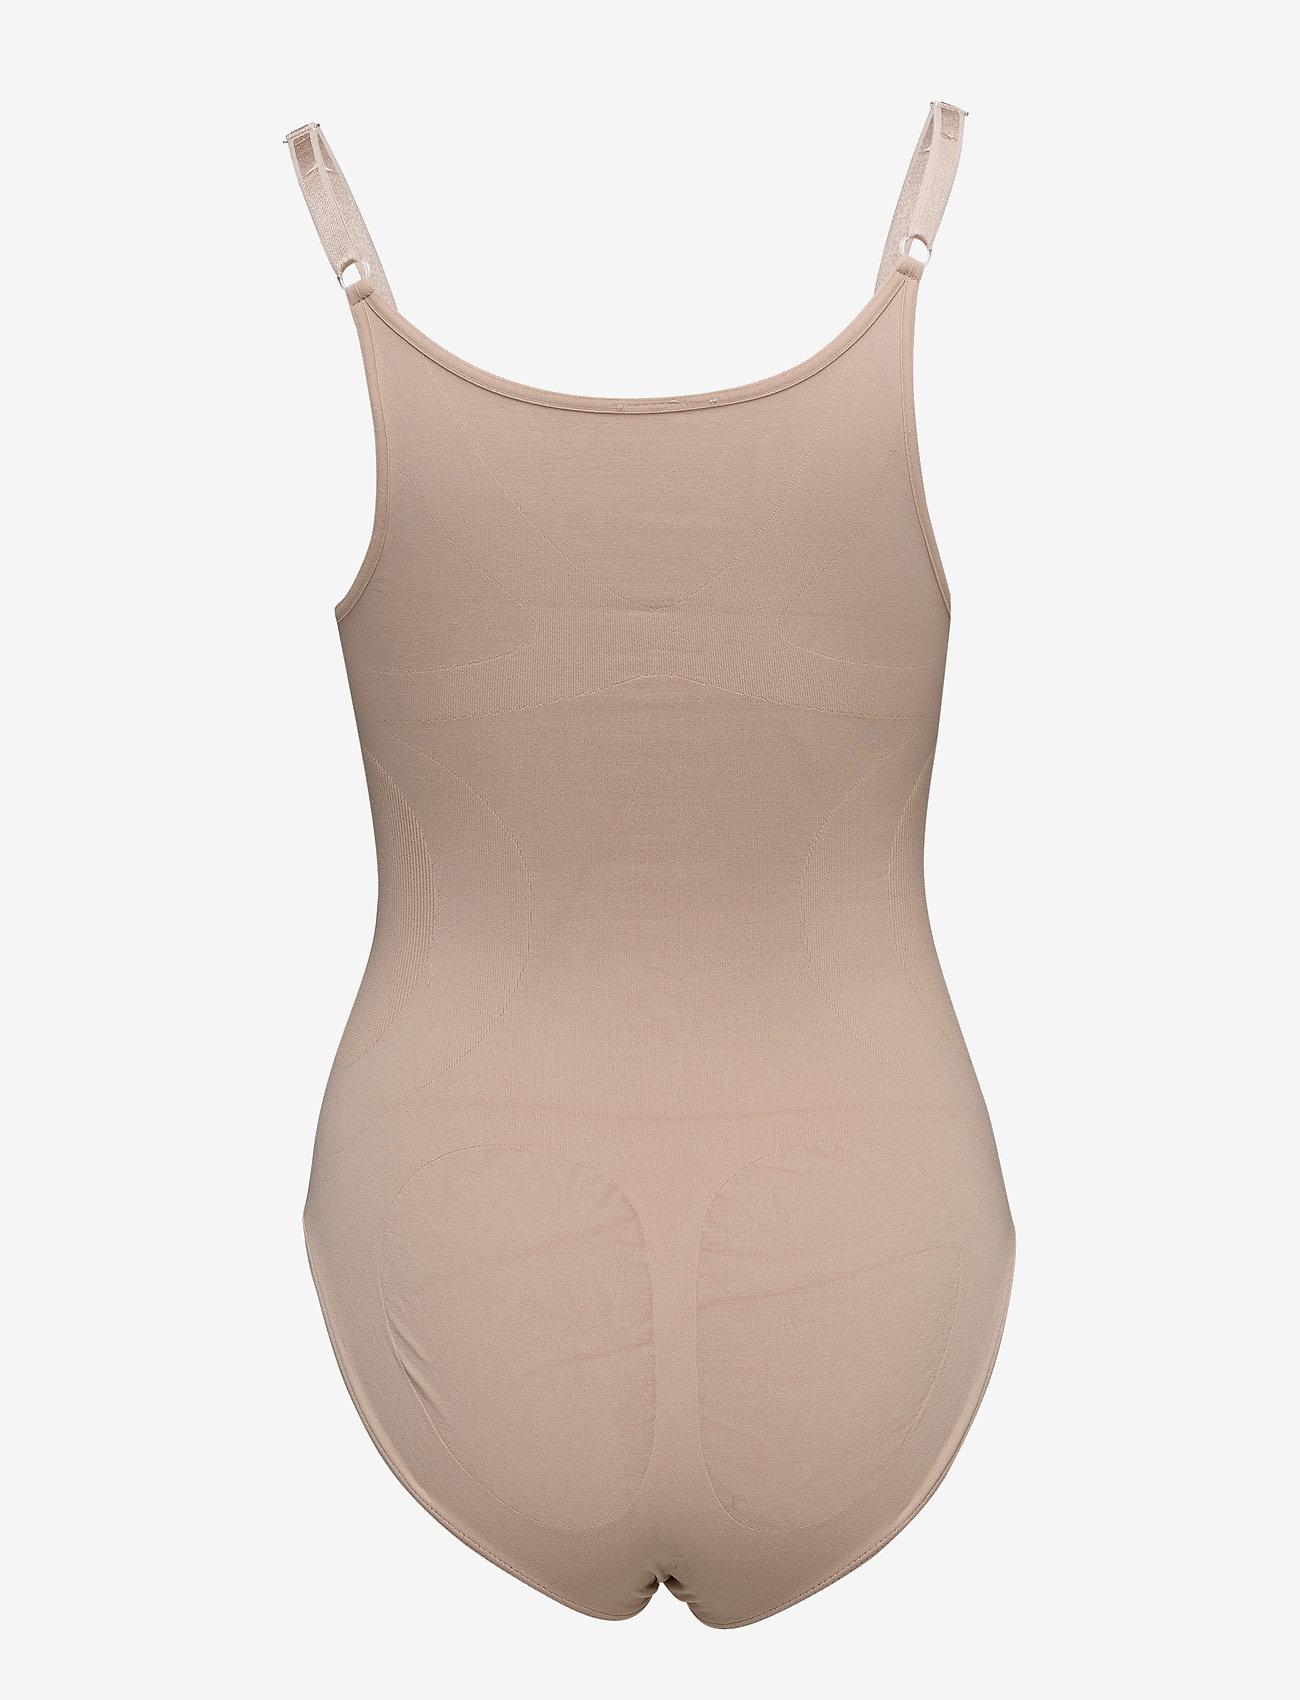 Decoy - Shape wear Body stocking - topper - nude - 1